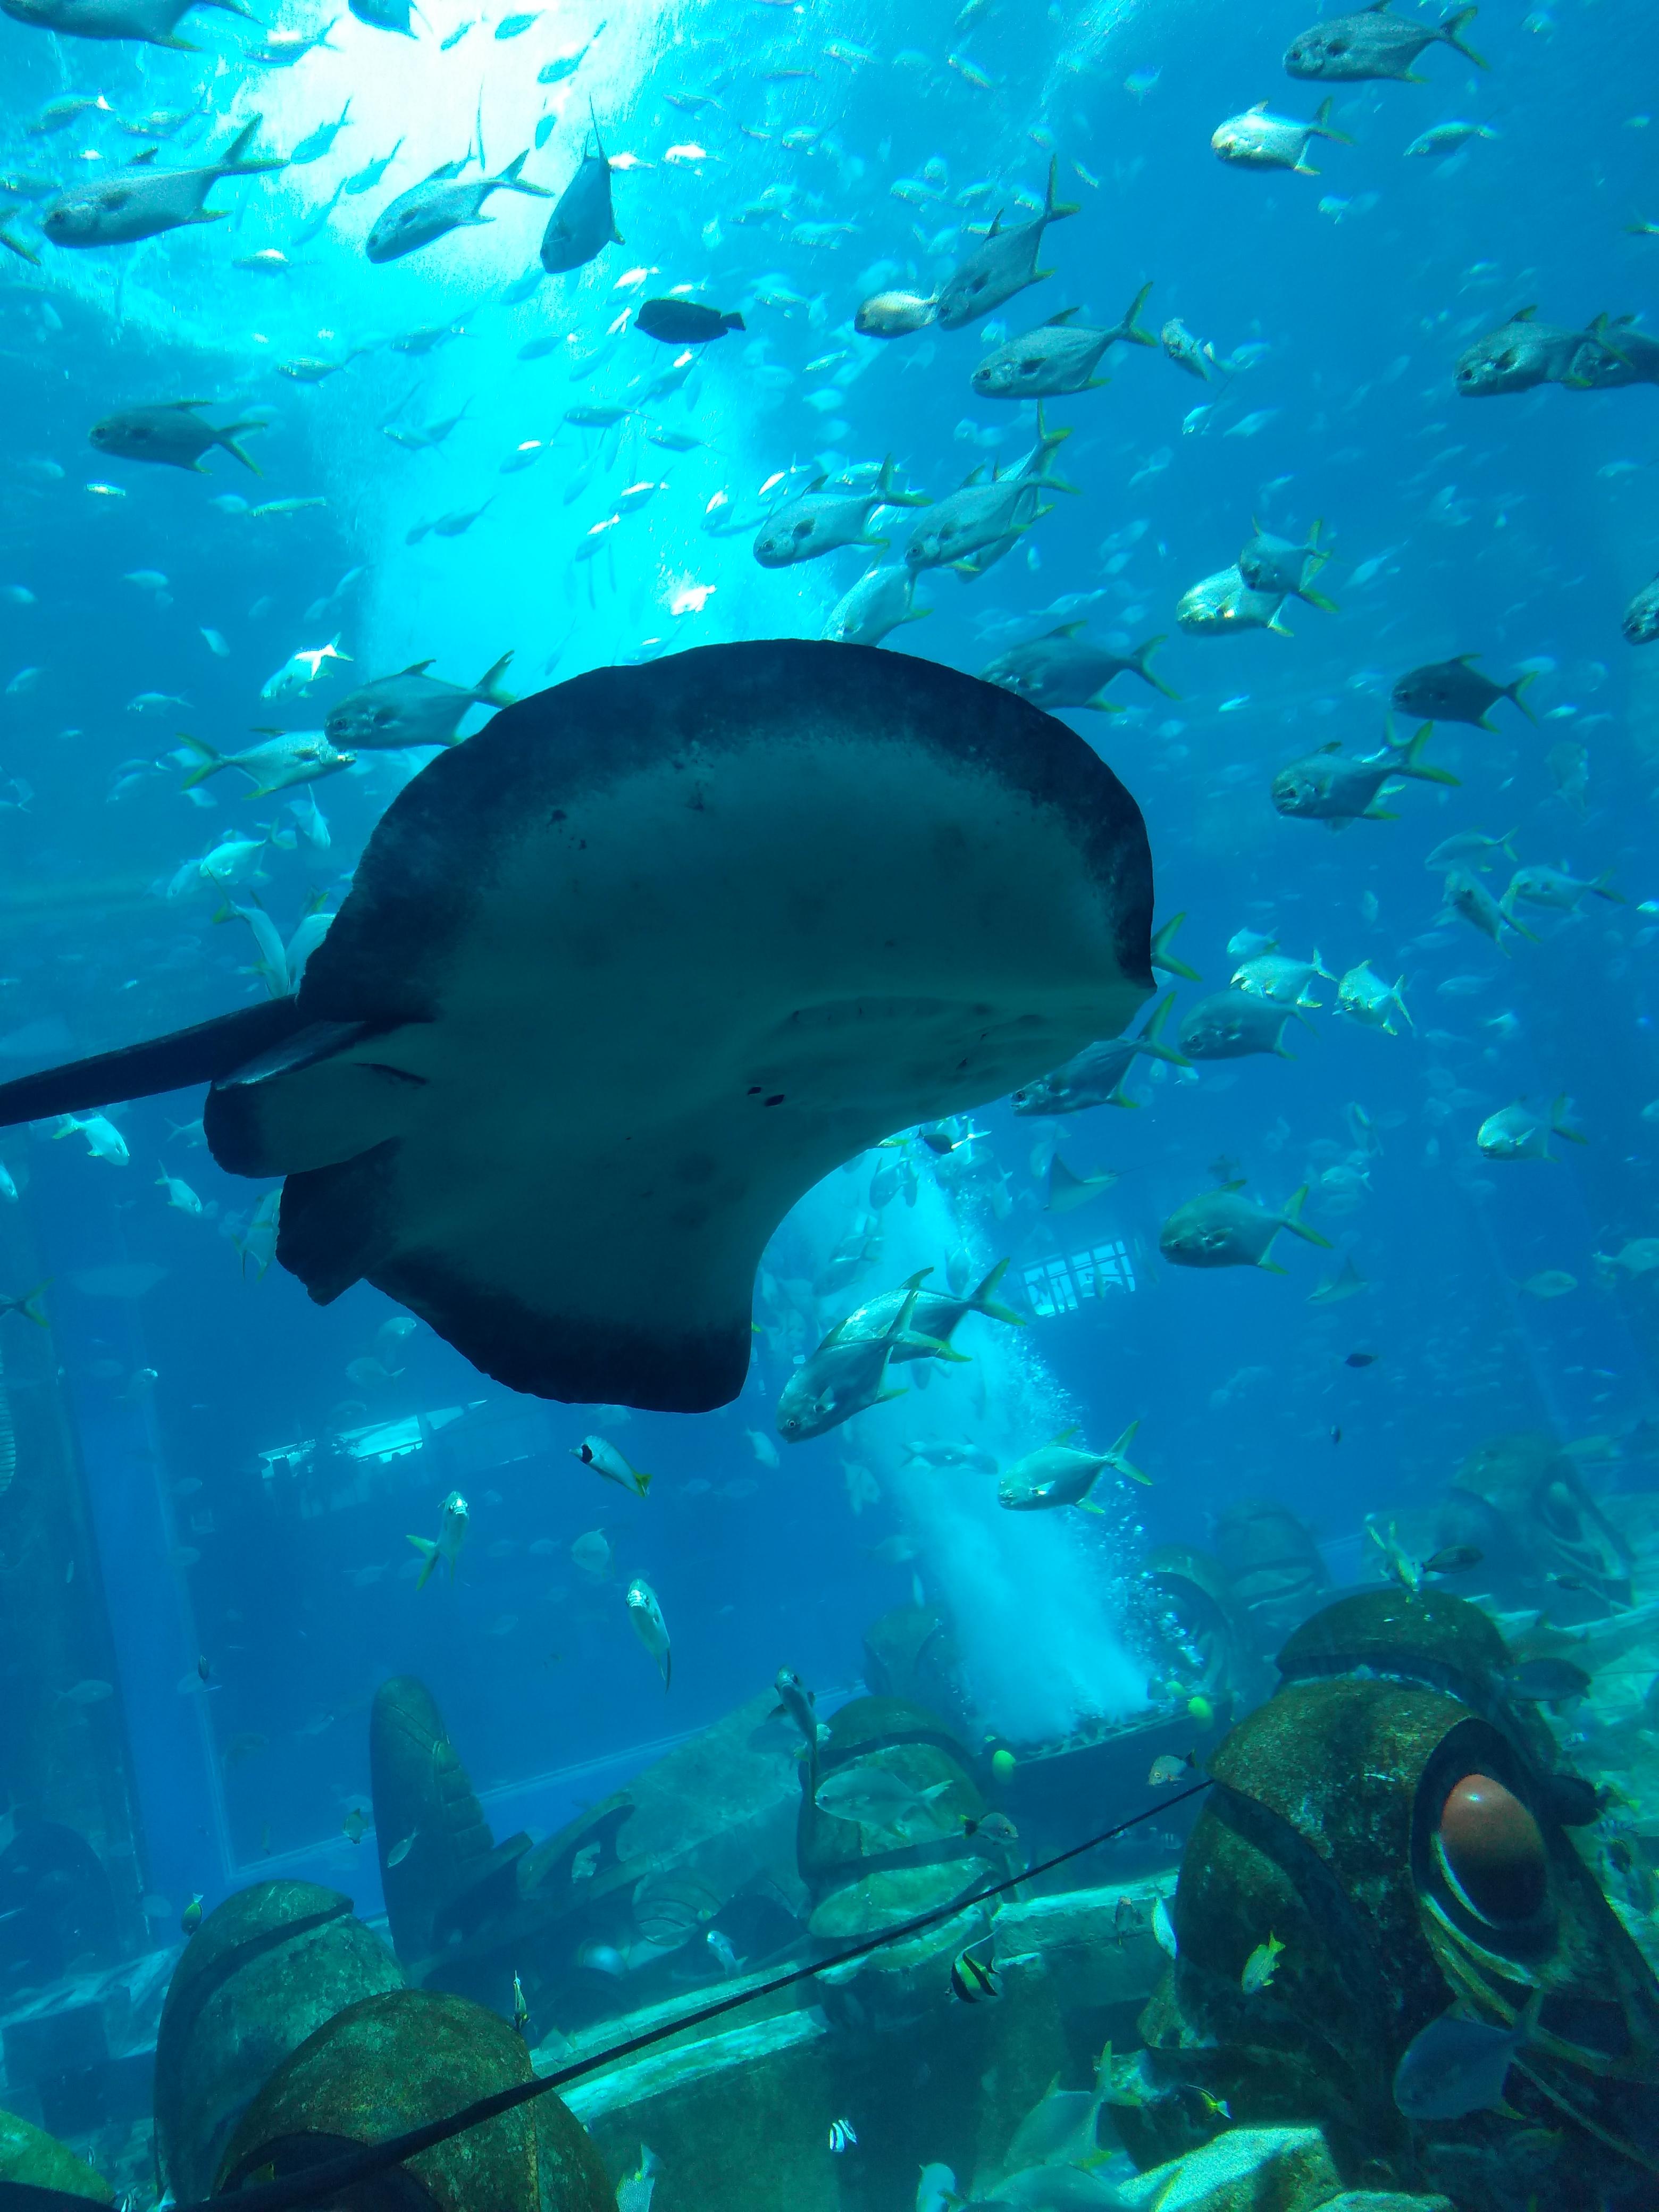 亚特兰蒂斯-失落的水下世界